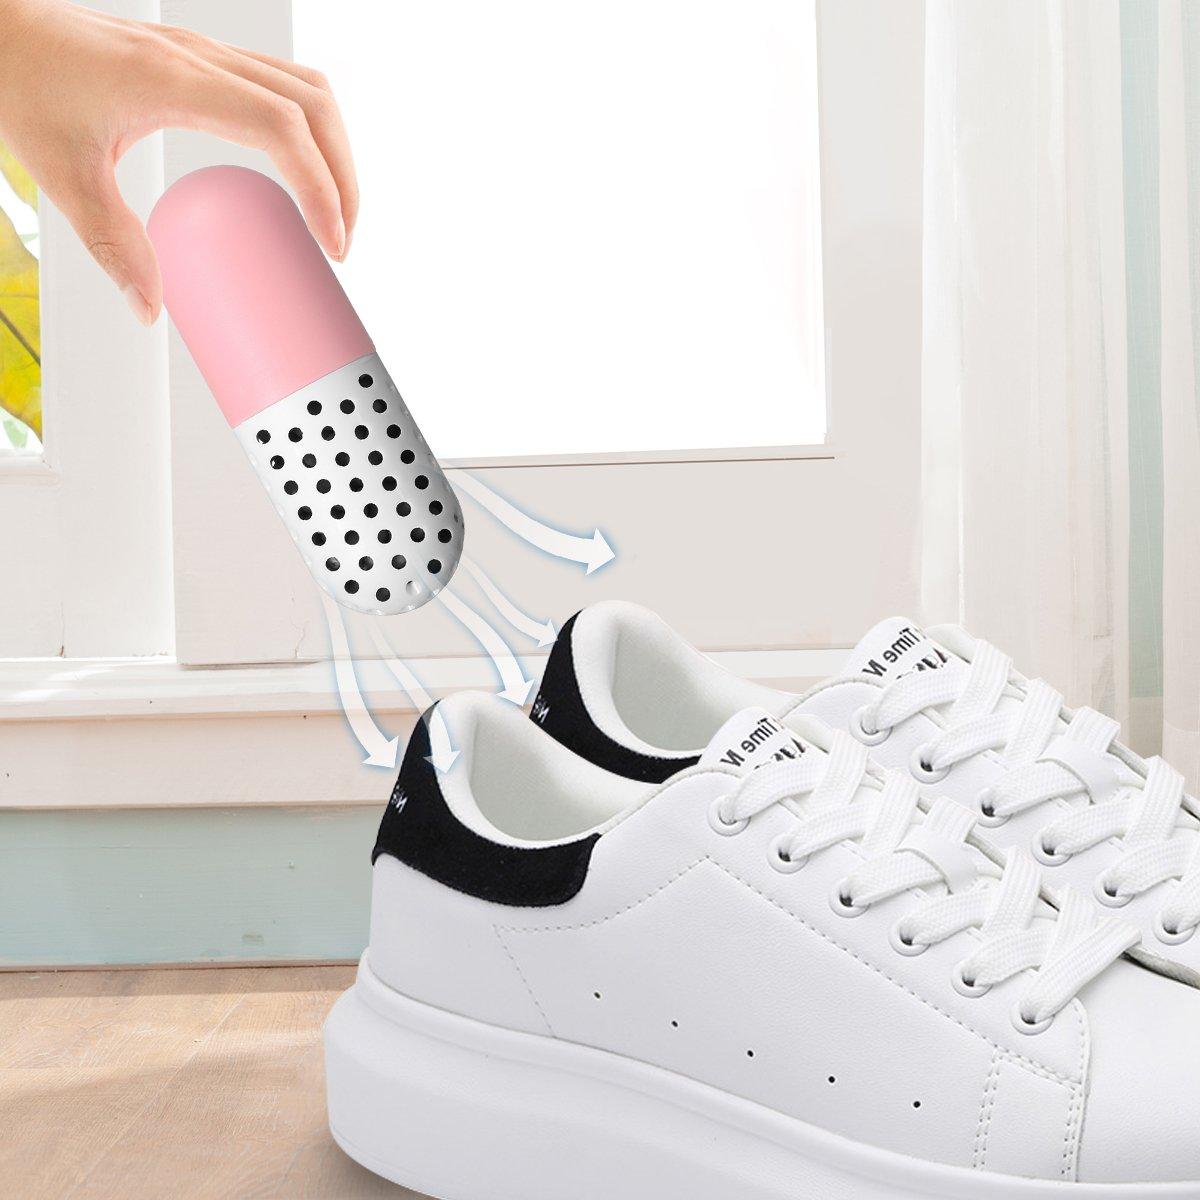 Camfosy Shoes Odor Deodorant,Odor Eliminator 2 Stück wiederverwendbare ungiftige antimikrobielle Schuhe/Kleidung Deodorant Moisture Absorber Anti-Schimmel Deodorizer mit Zeolith Partikel, blau pink